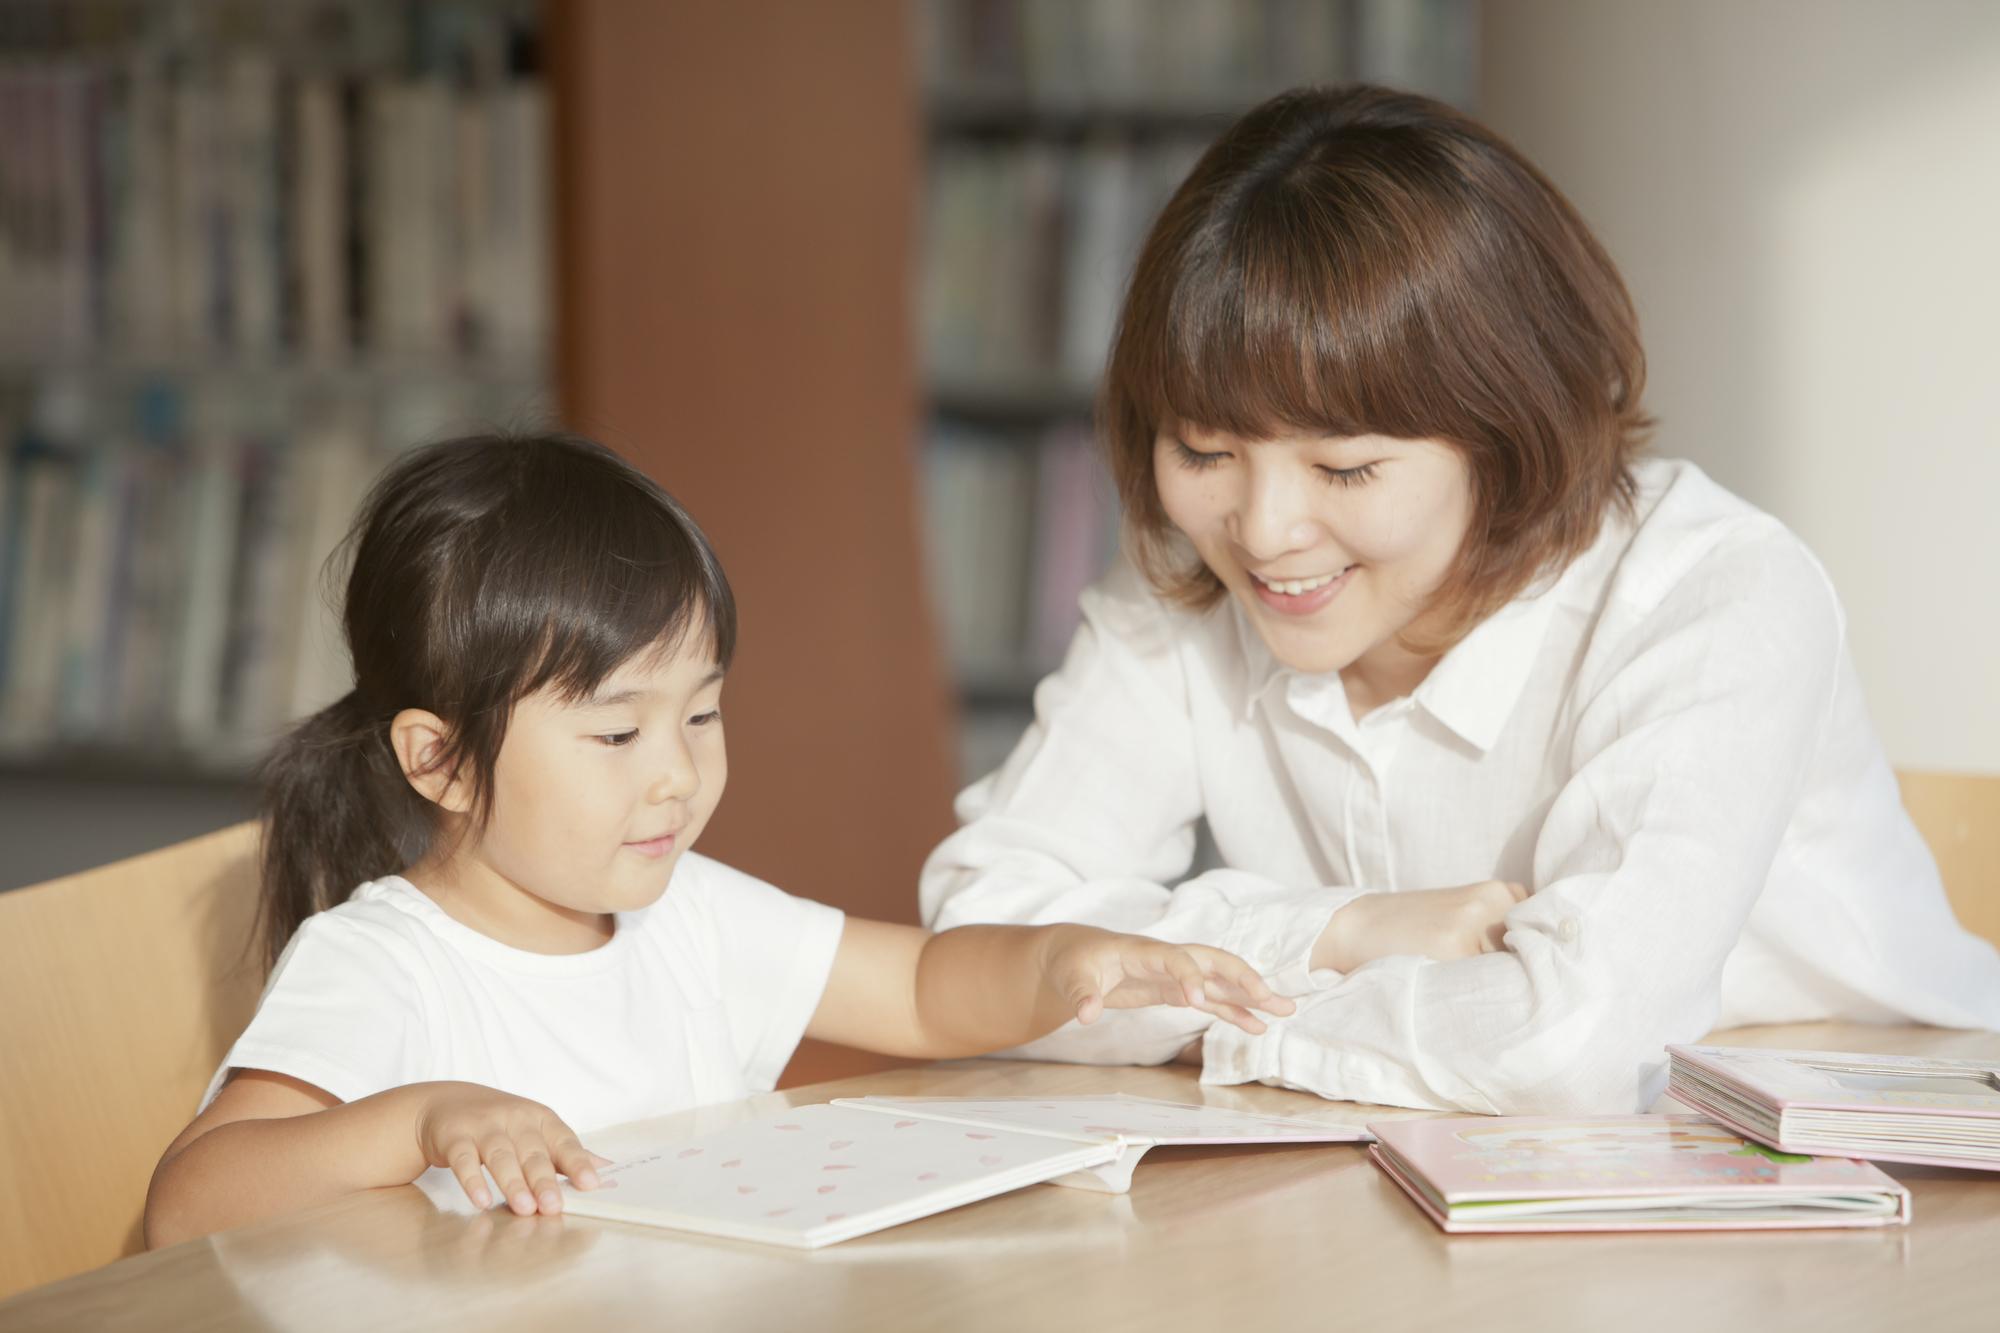 子どもの学力を伸ばす読書のススメ